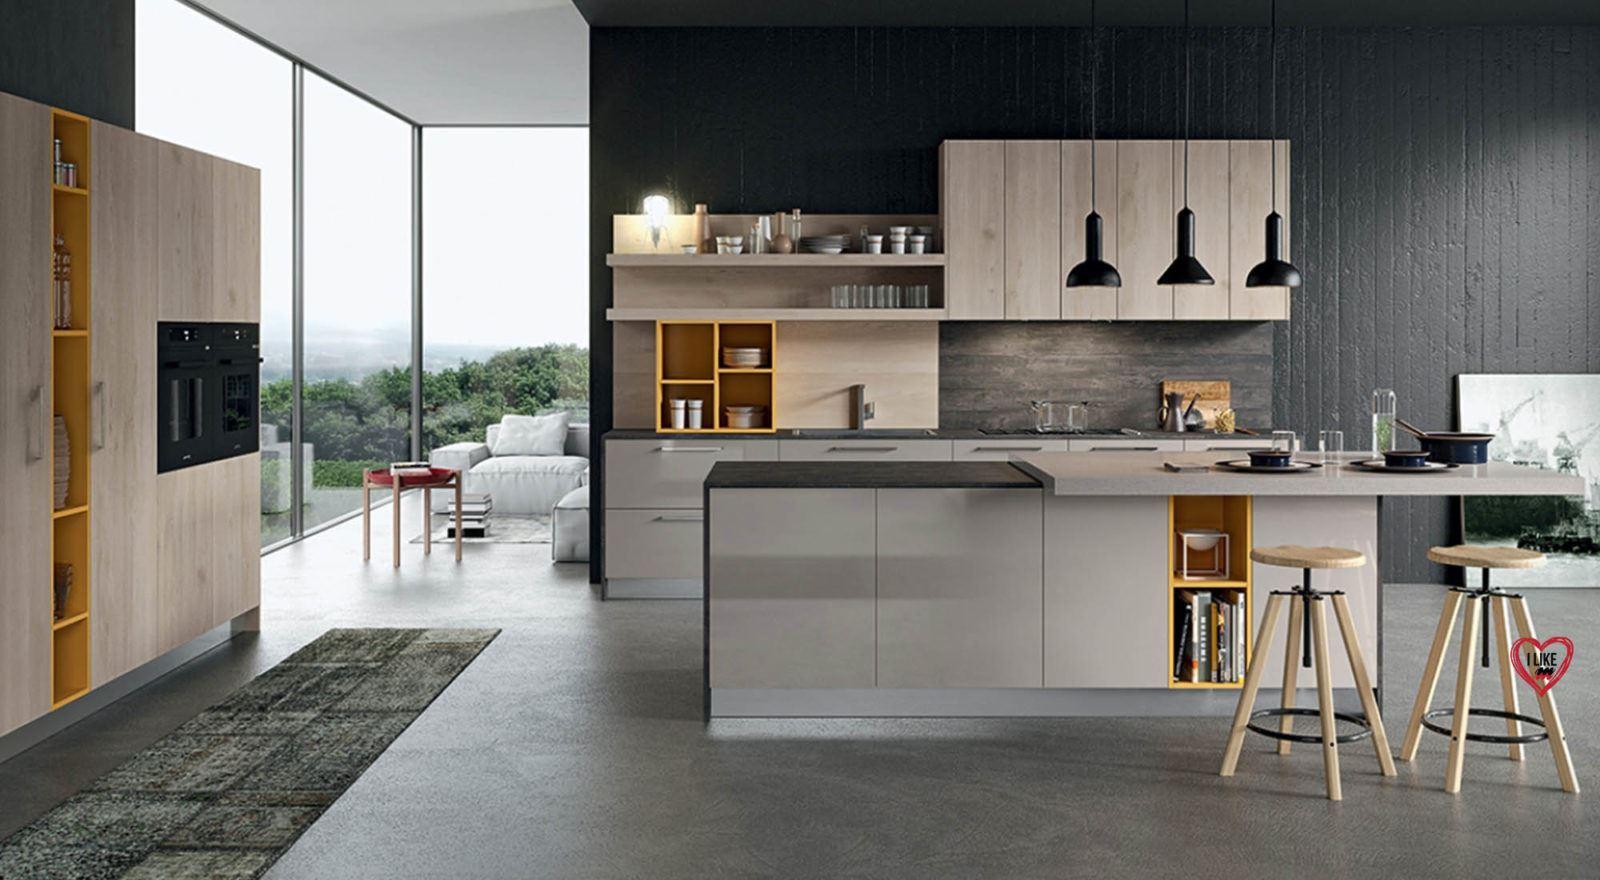 Conosciuto Cucine su misura a Padova - Progettazione Gratuita BK79